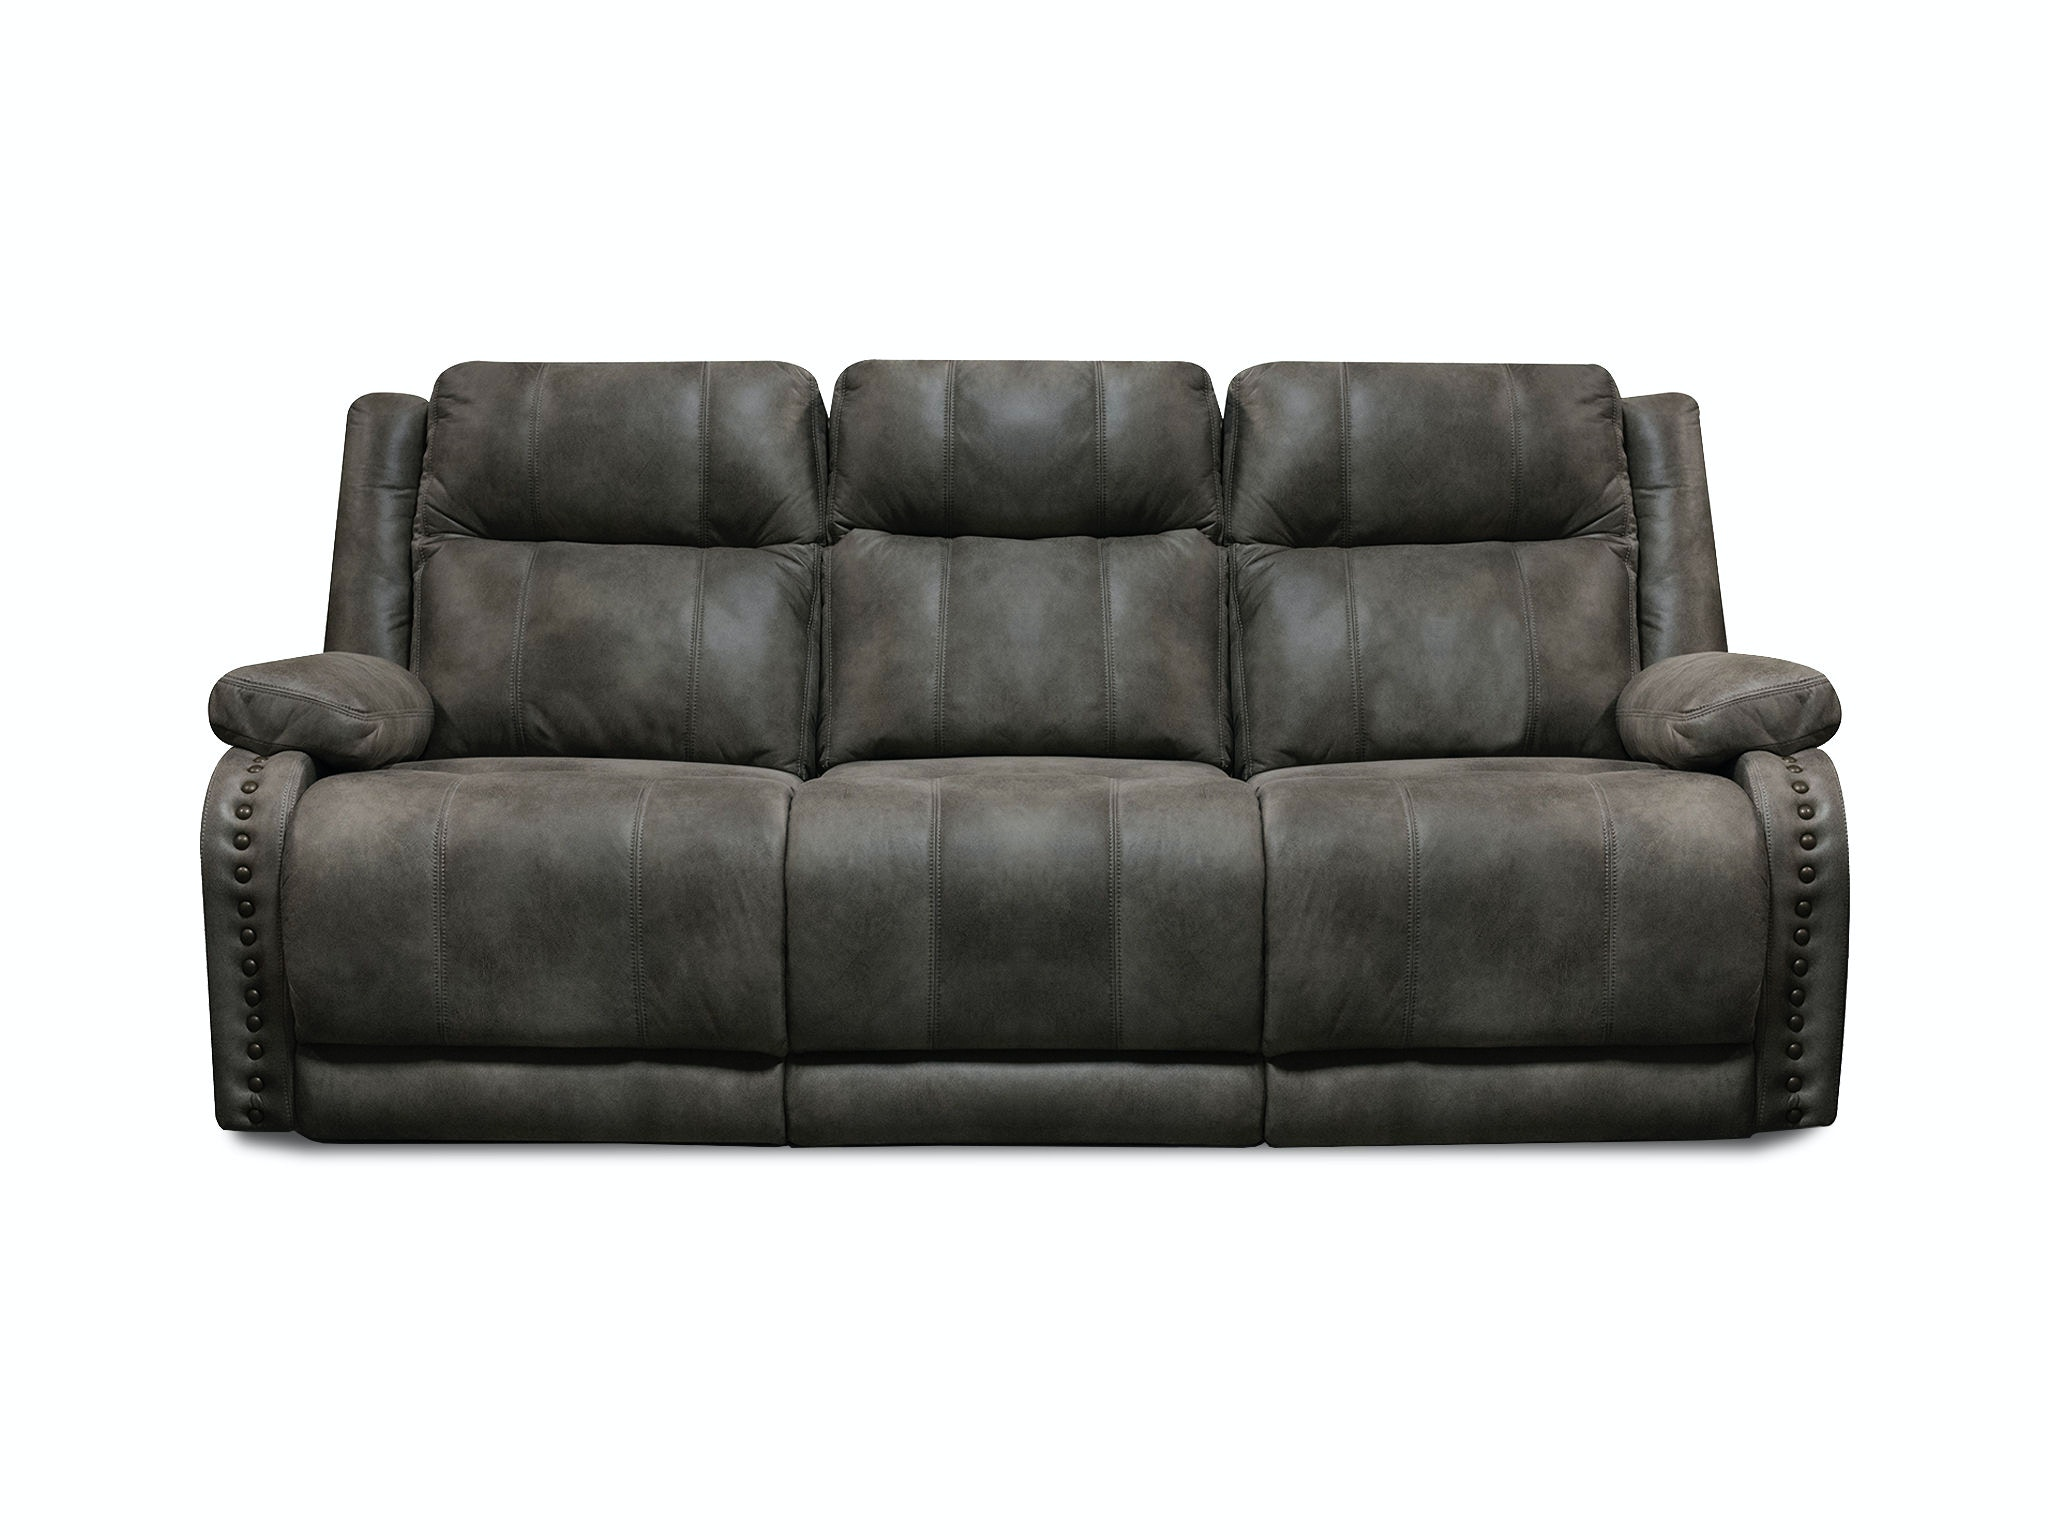 living room furniture ma sofa tables england sofas ez7v01n pittsfield co